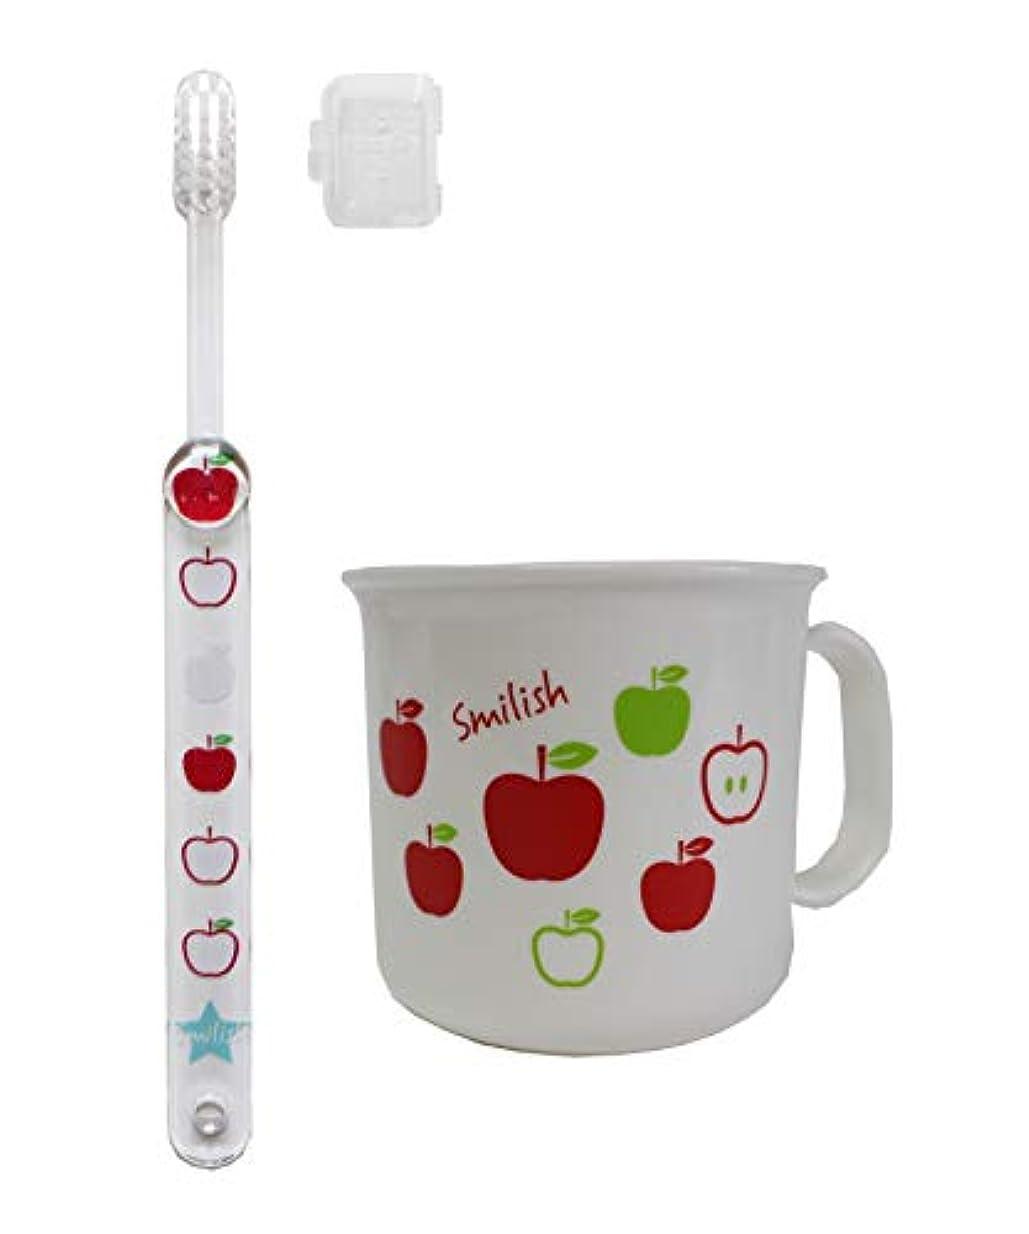 ビーム象難破船子ども歯ブラシ(キャップ付き) 耐熱コップセット アップル